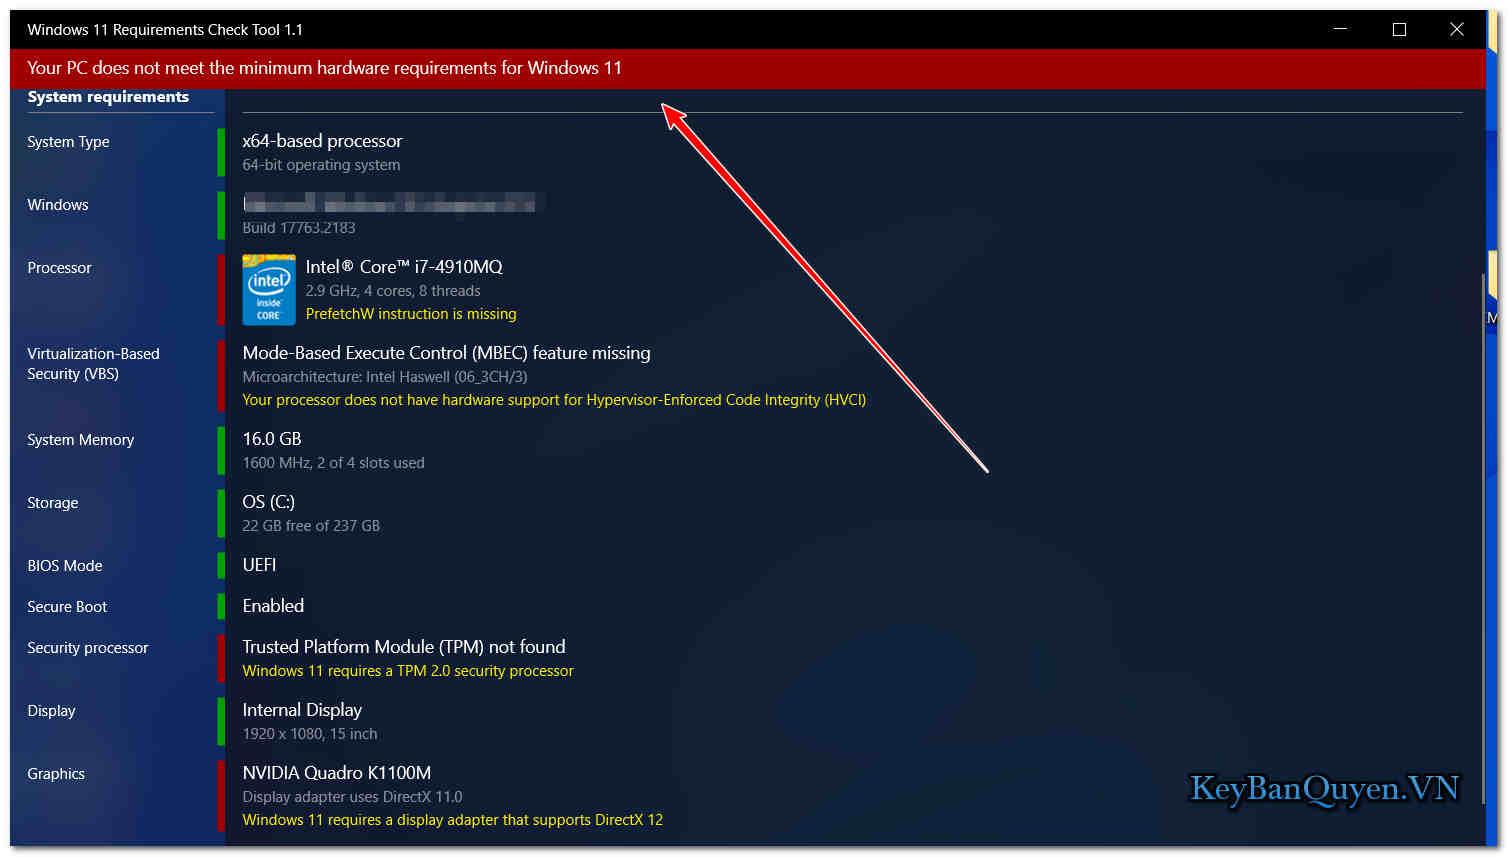 Download Windows 11 Requirements Check Tool 1.1.0 , Phần mềm kiểm tra máy tính bạn cài được Windows 11 hay không!